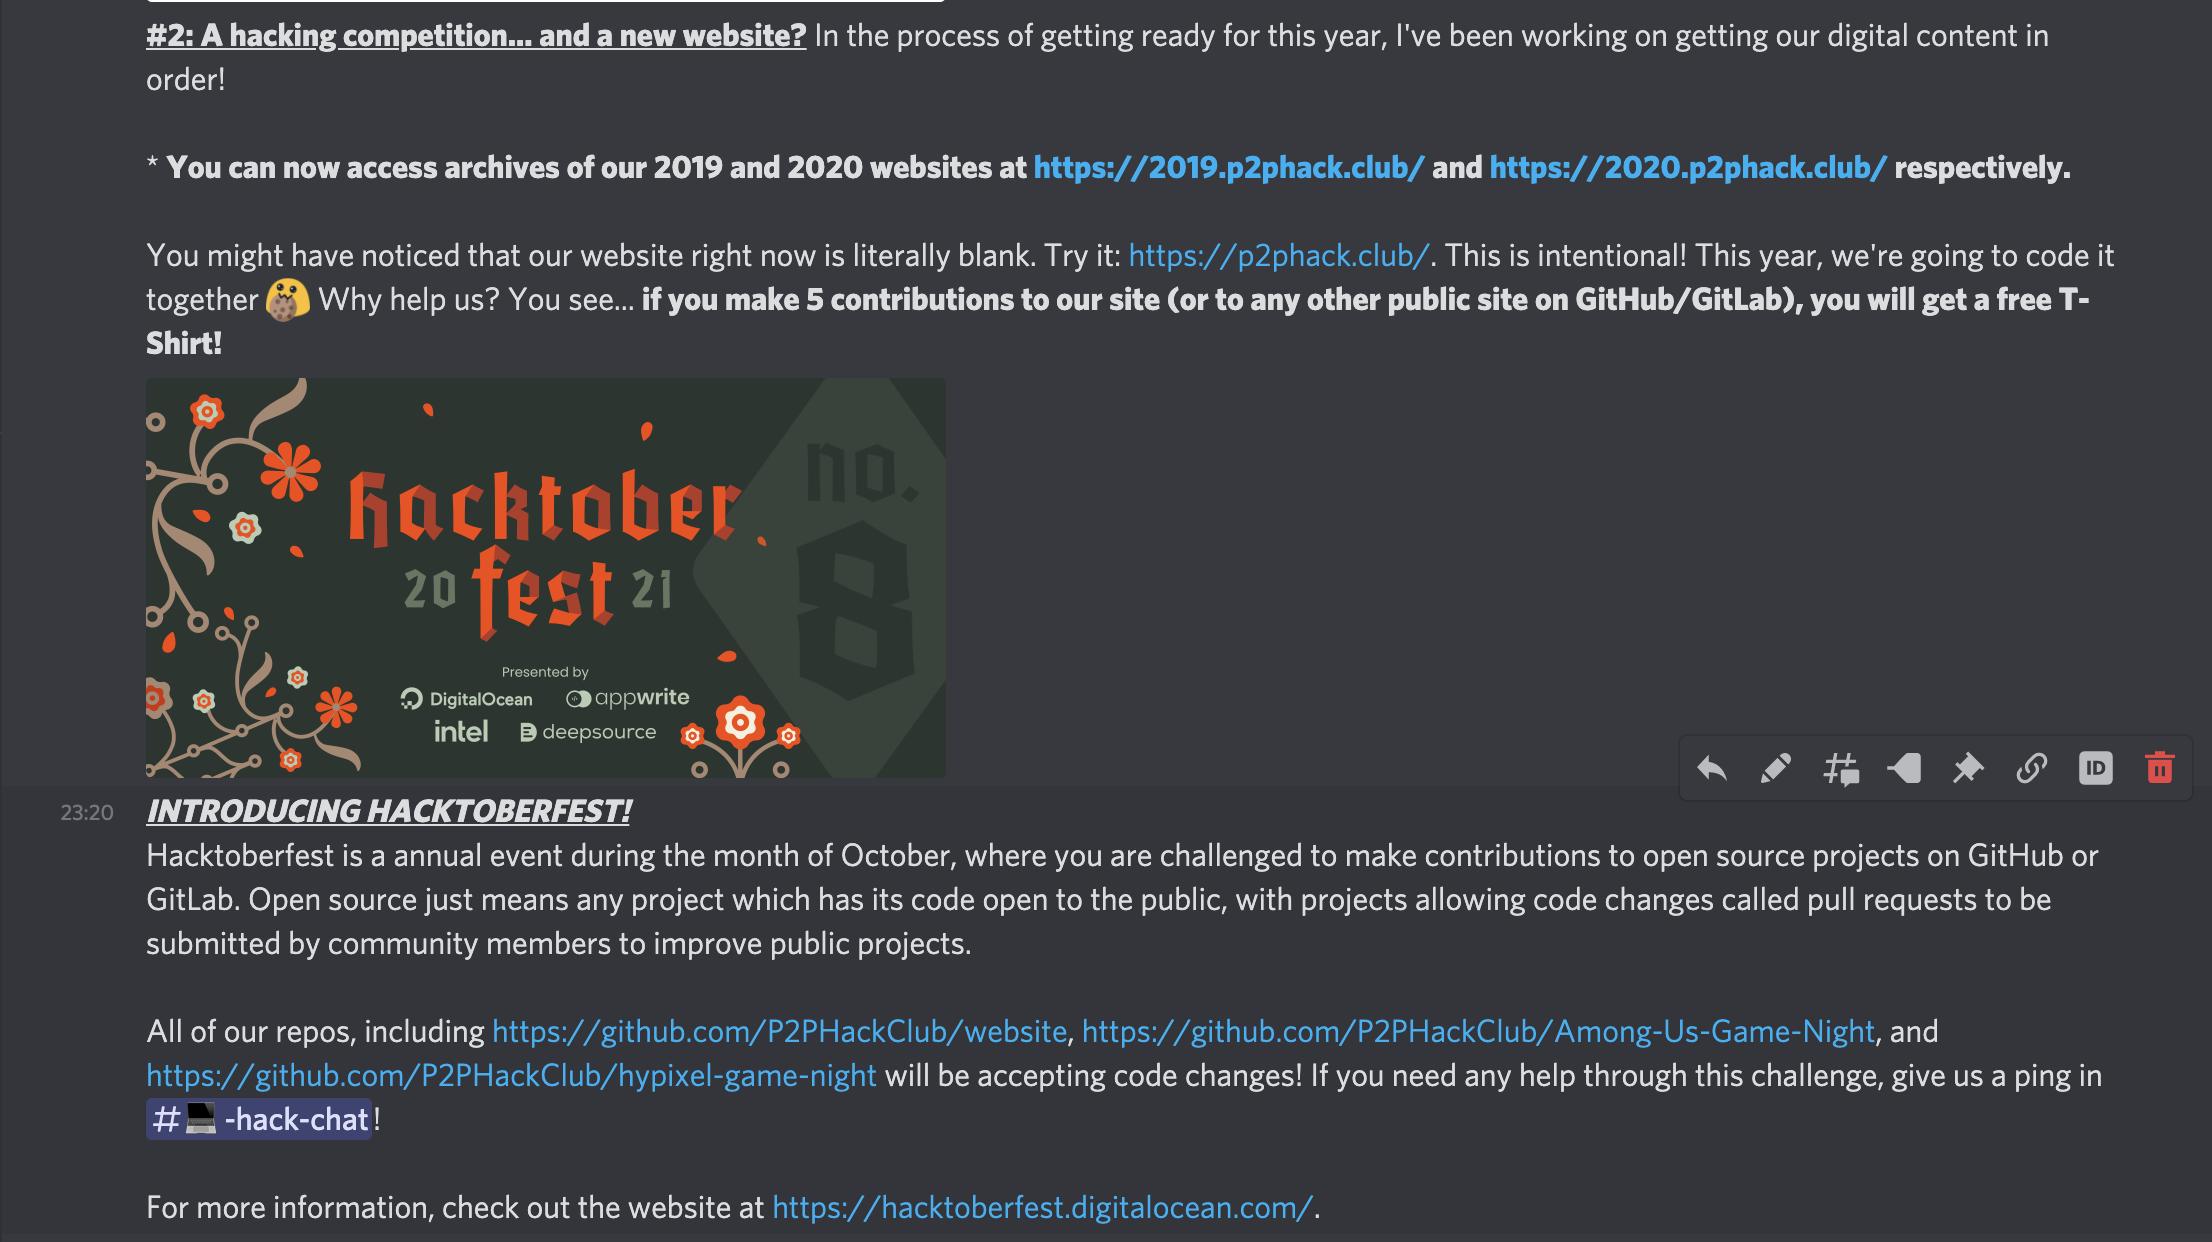 https://cloud-5rlj4rw8v-hack-club-bot.vercel.app/0captura_de_pantalla_2021-09-30_a_la_s__11.38.27_p.__m..png